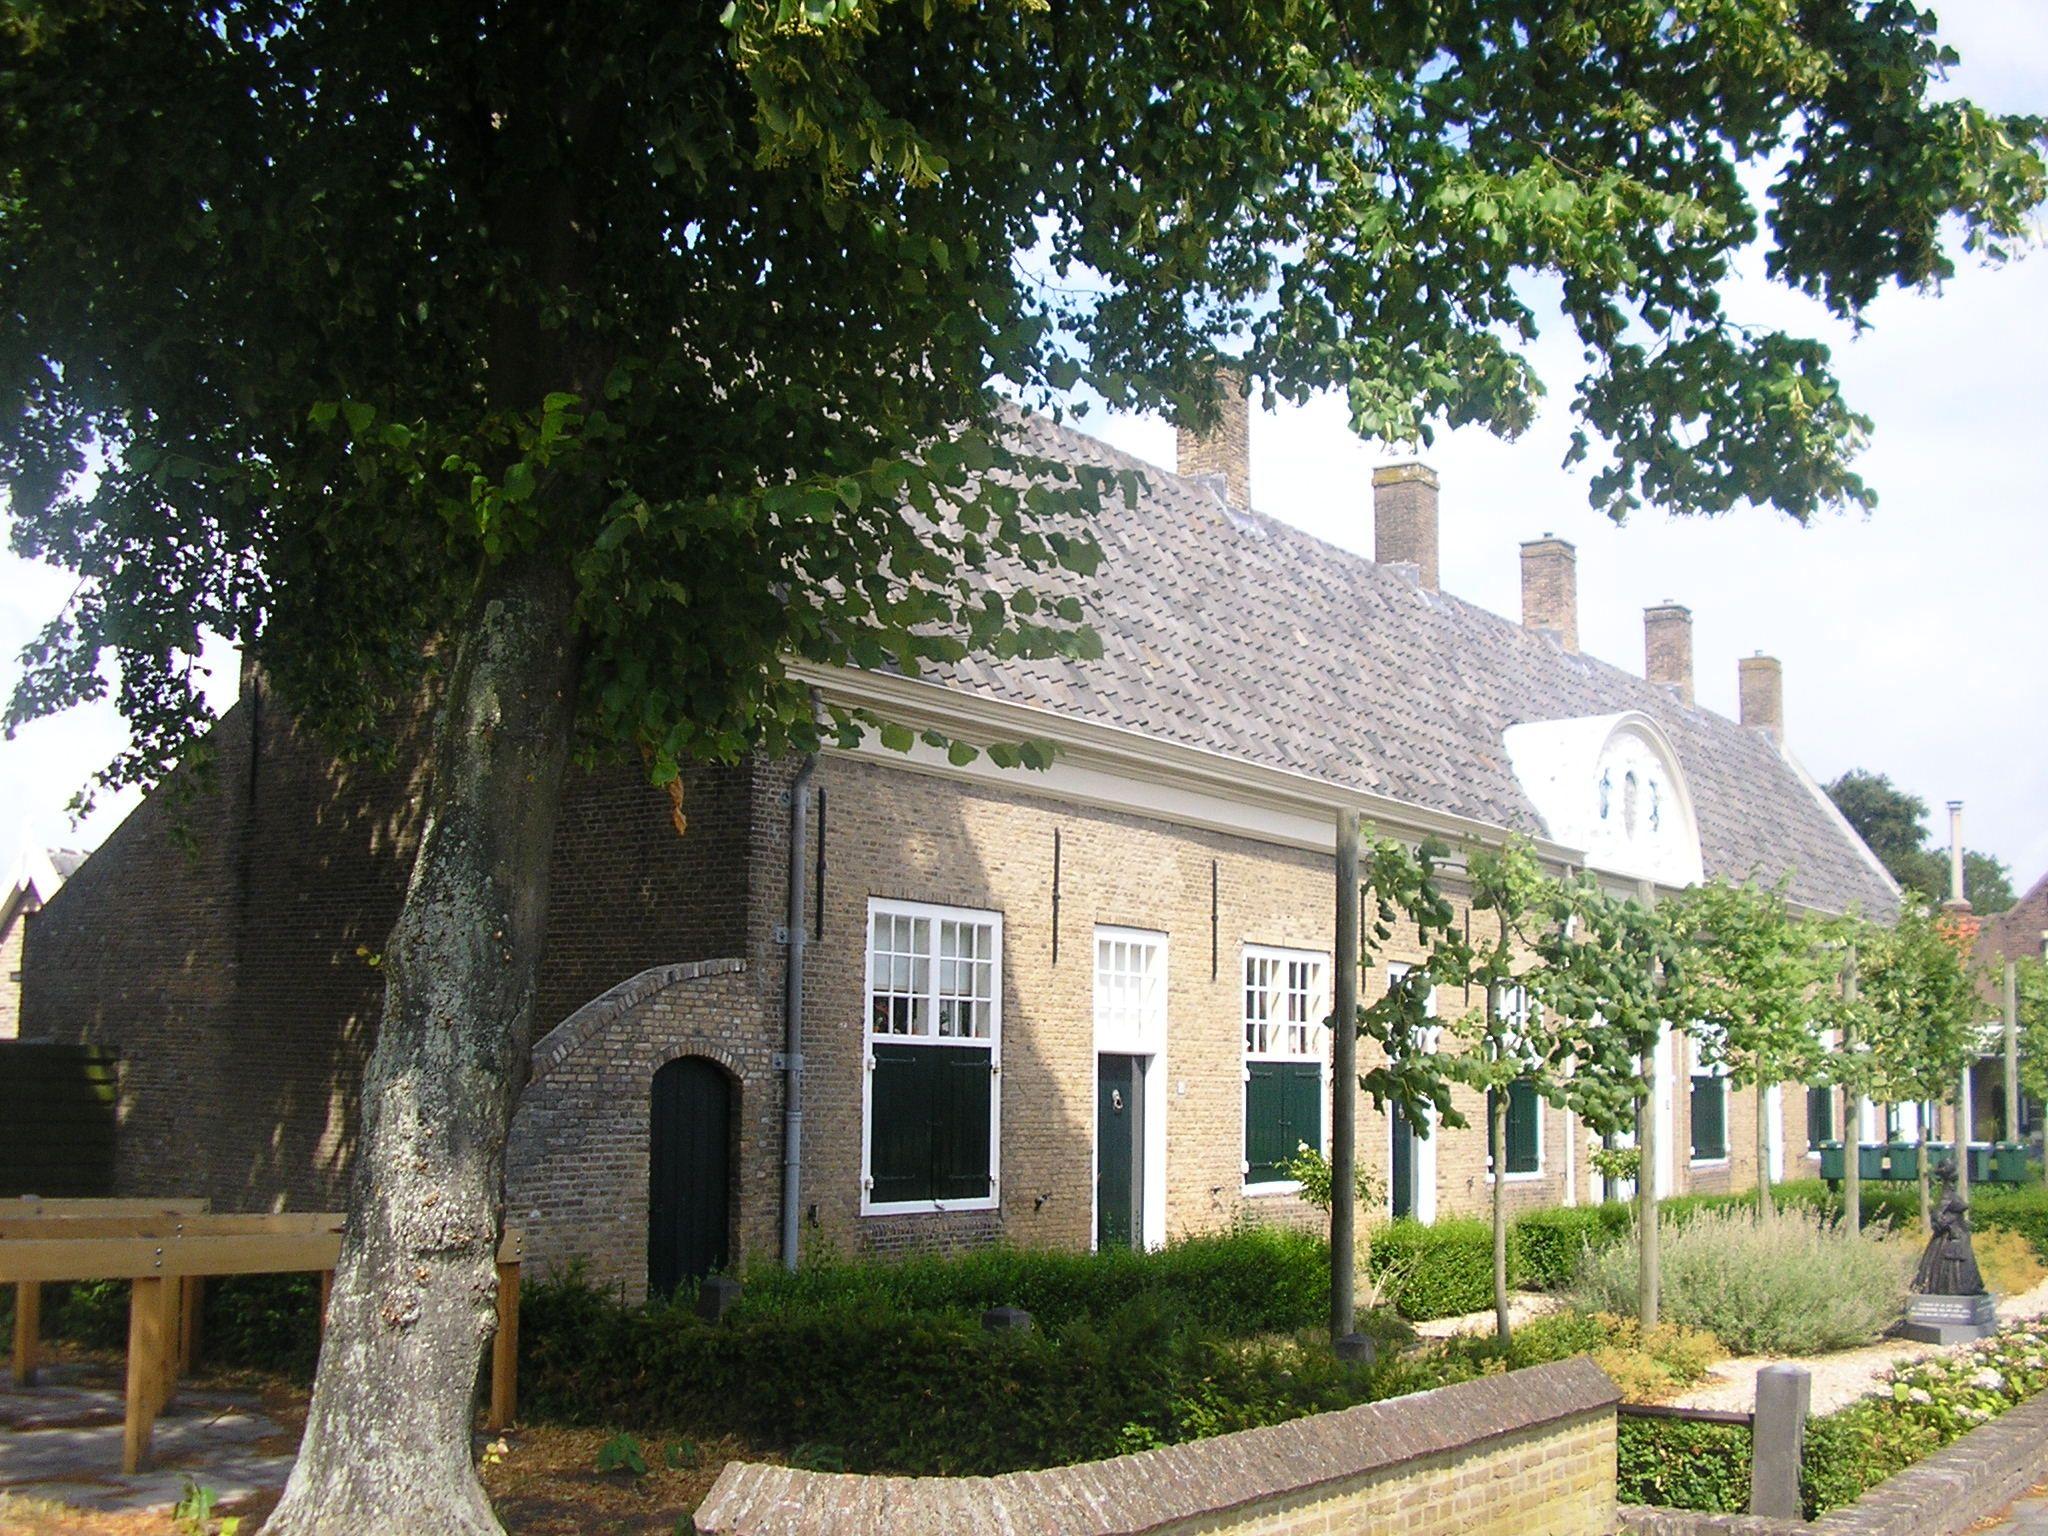 Gasthuis met rechtsvóór het beeld van Susanna Maria Loncque. (Foto Wikimedia)